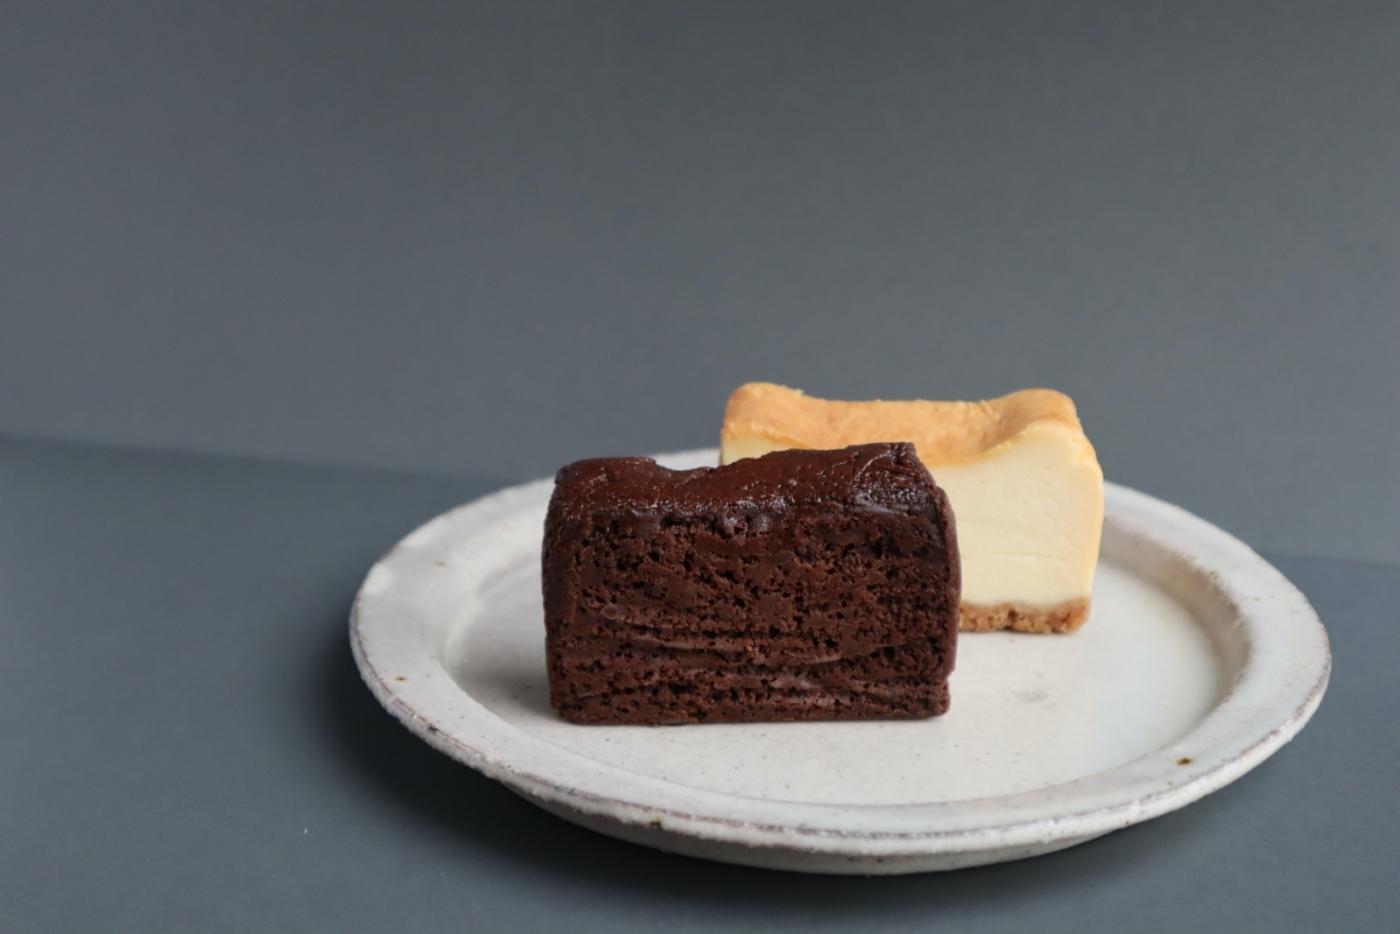 """スピカクラシックケーキとグムグム """"ドライフラワーの演出が美しすぎる、無添加ケーキとドーナッツ"""""""